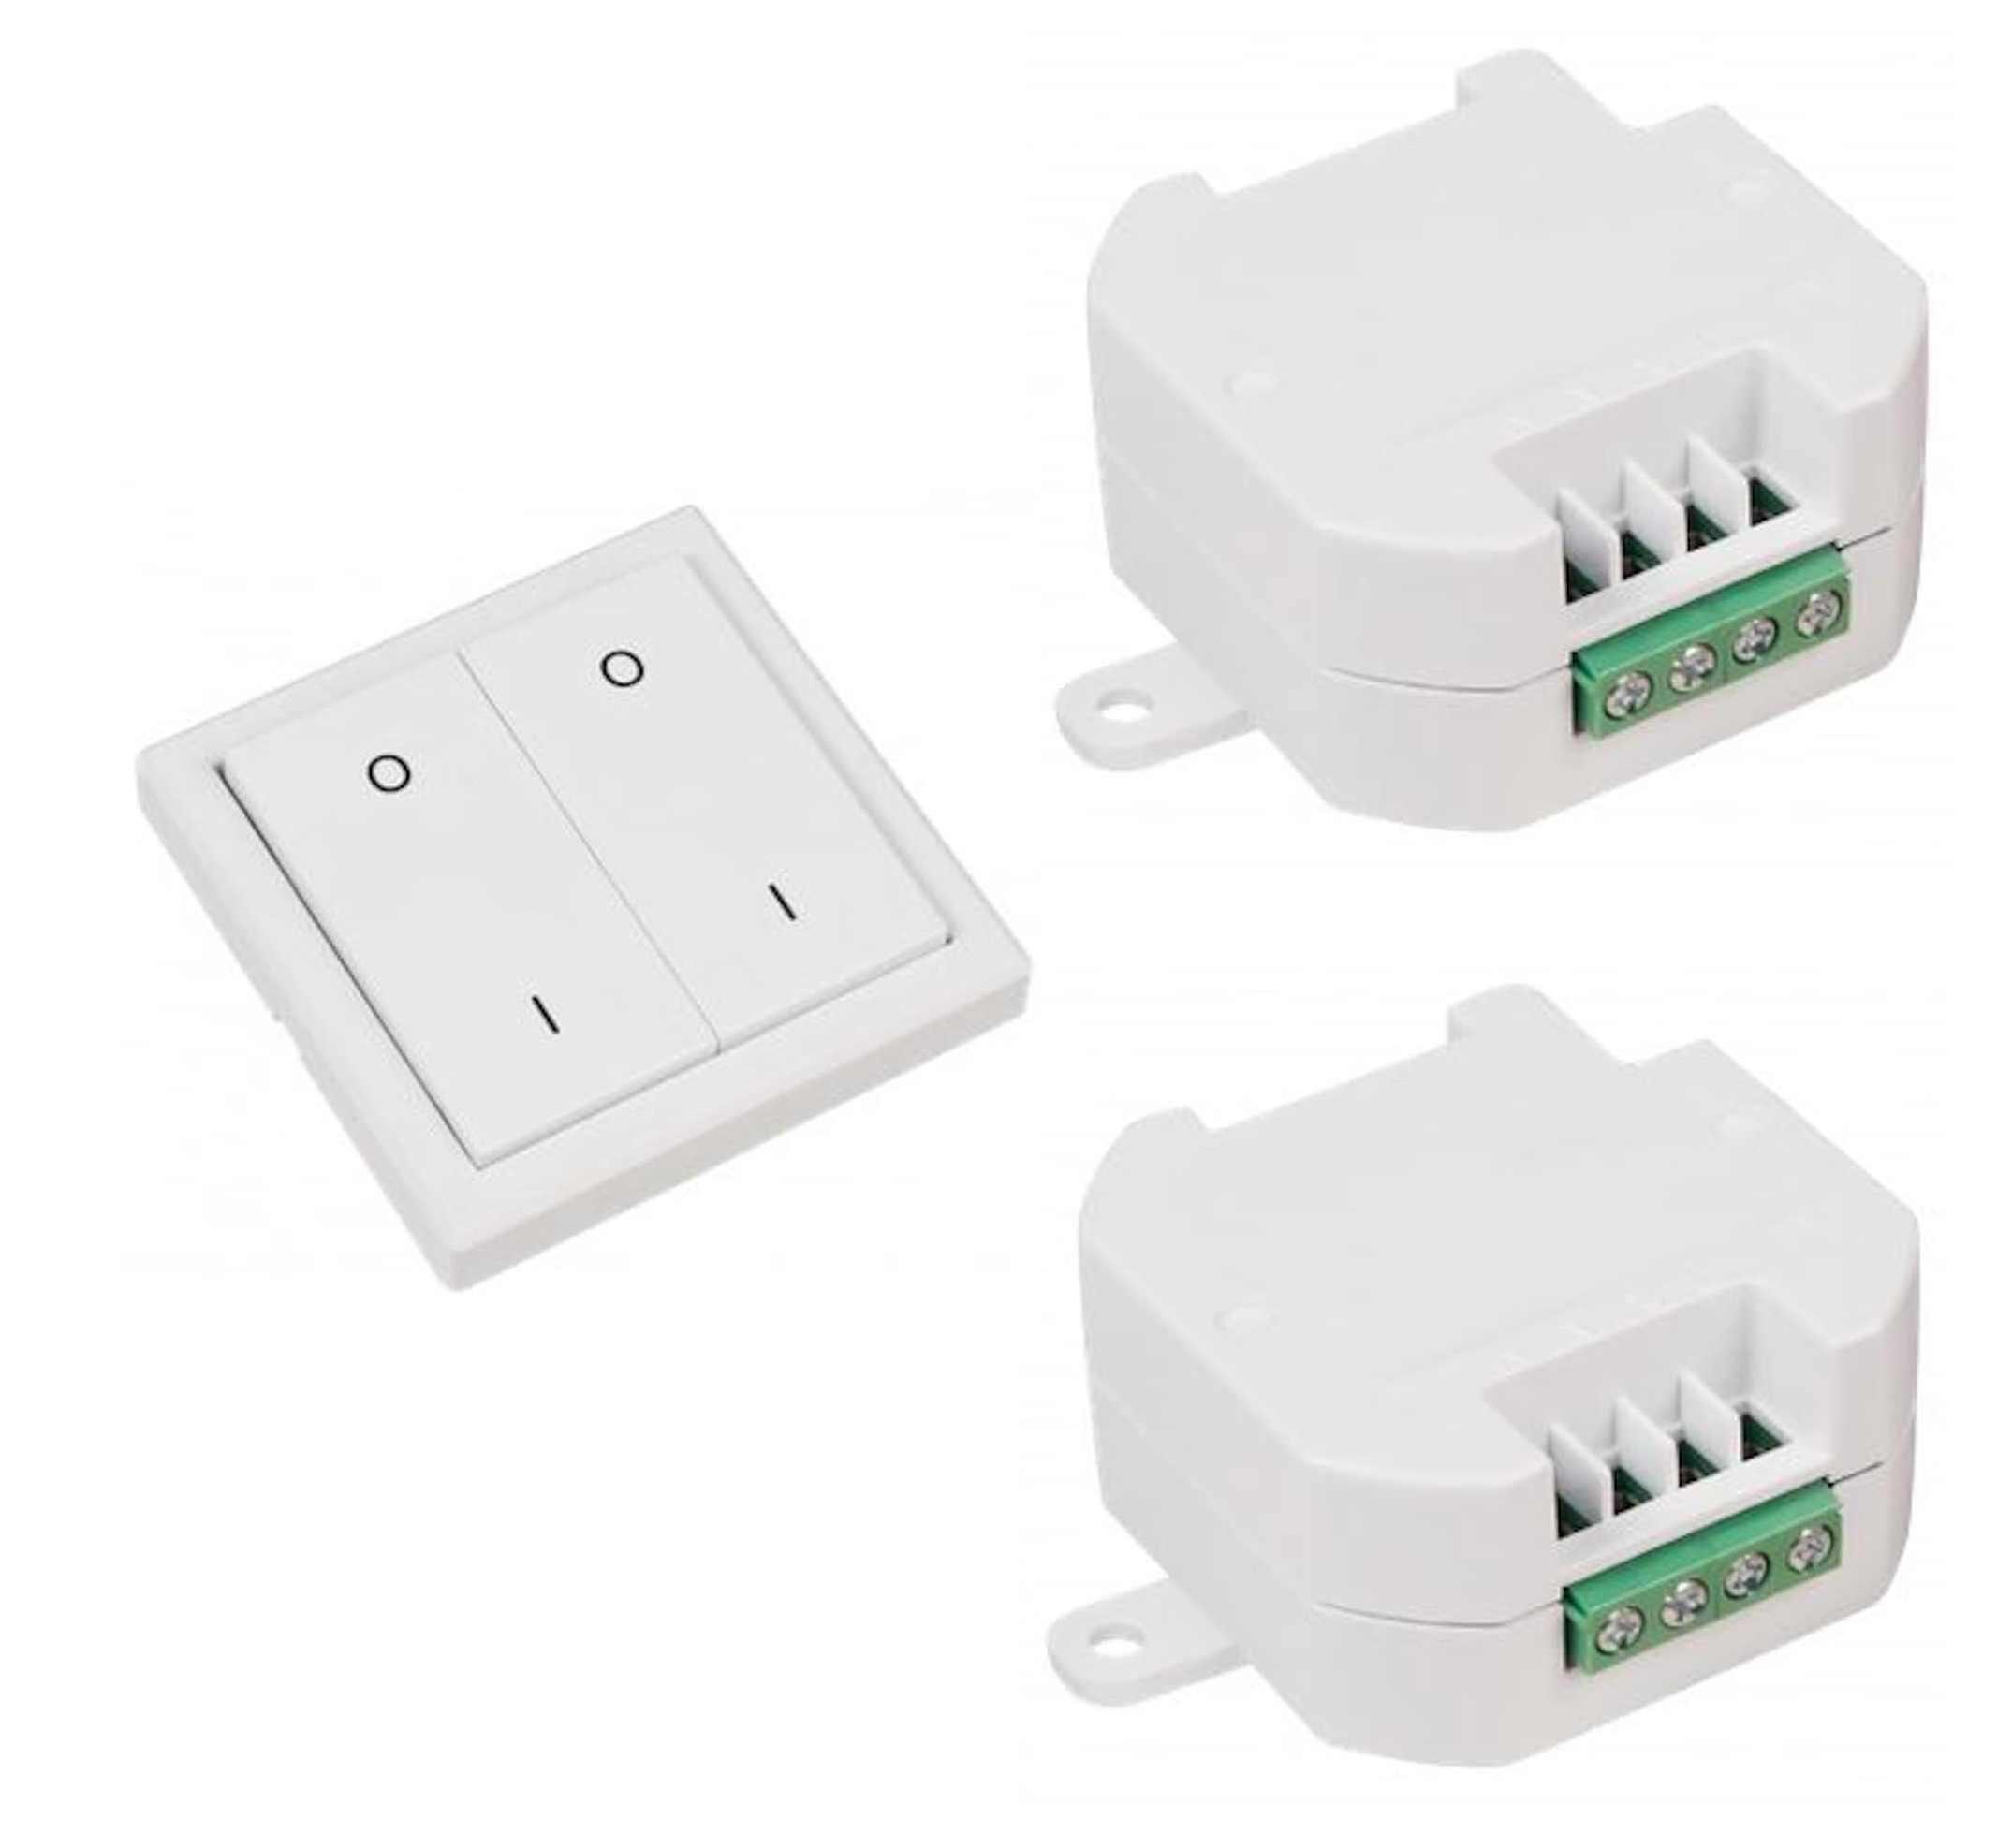 Funk Schalter Set kabellos Empfänger und Wandtaster max 2000Watt IP20 433,92 MHz